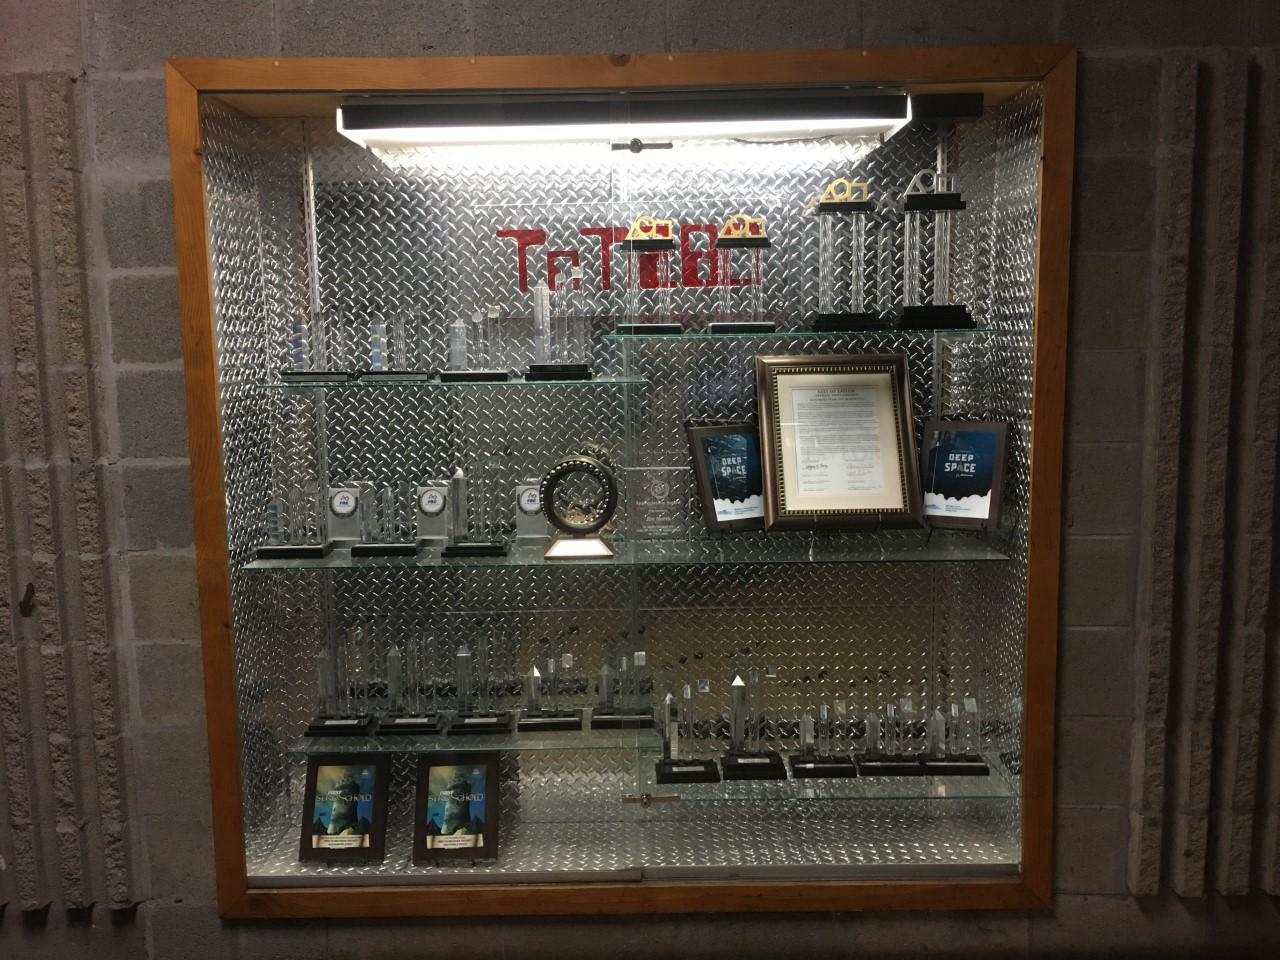 TNT Robotics Trophy Case_version 2.0